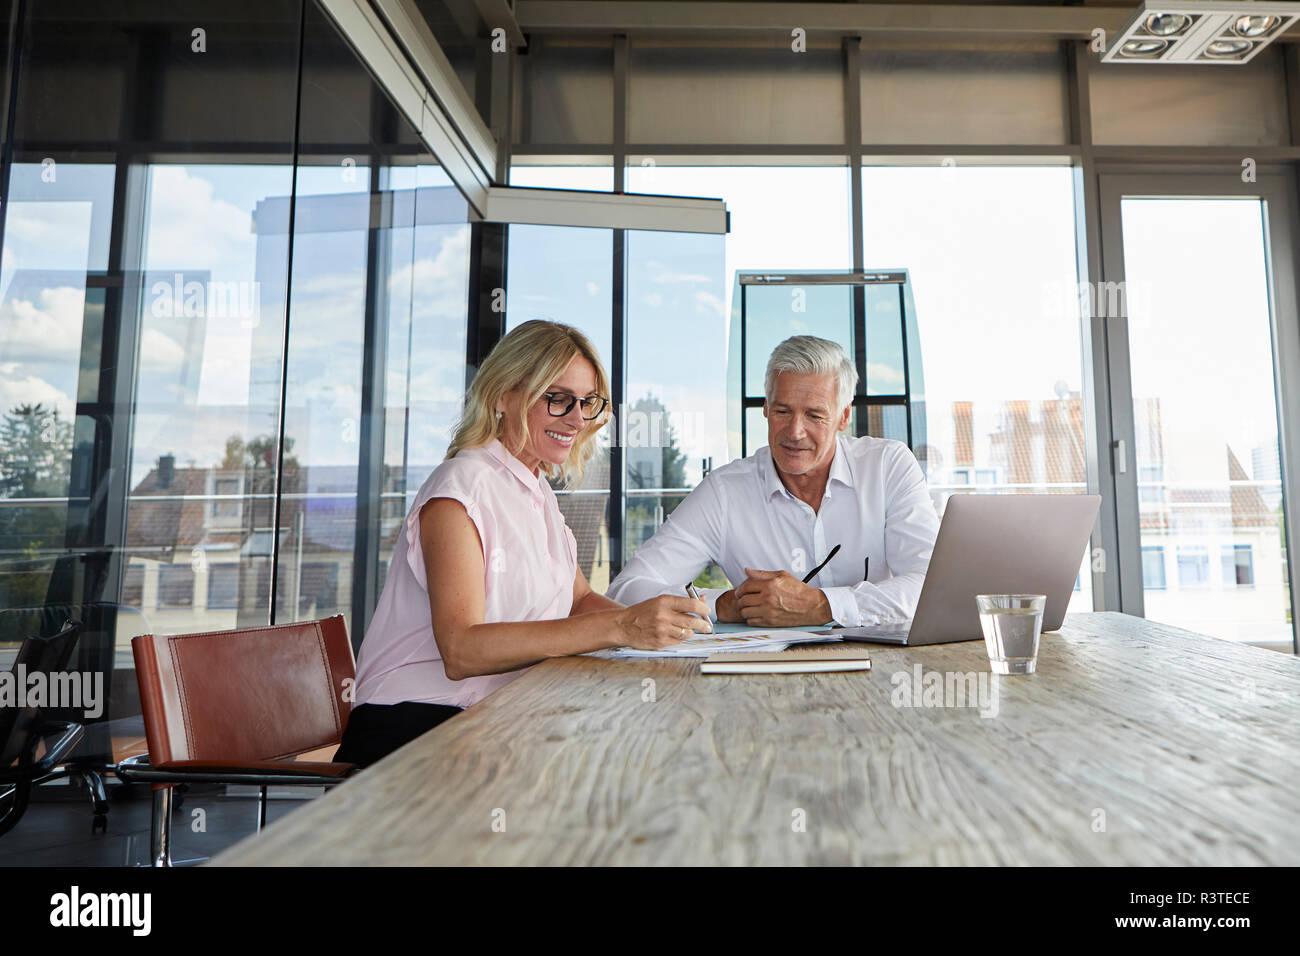 Geschäftsmann snd Frau sitzt im Büro, diskutieren Projekt Stockfoto